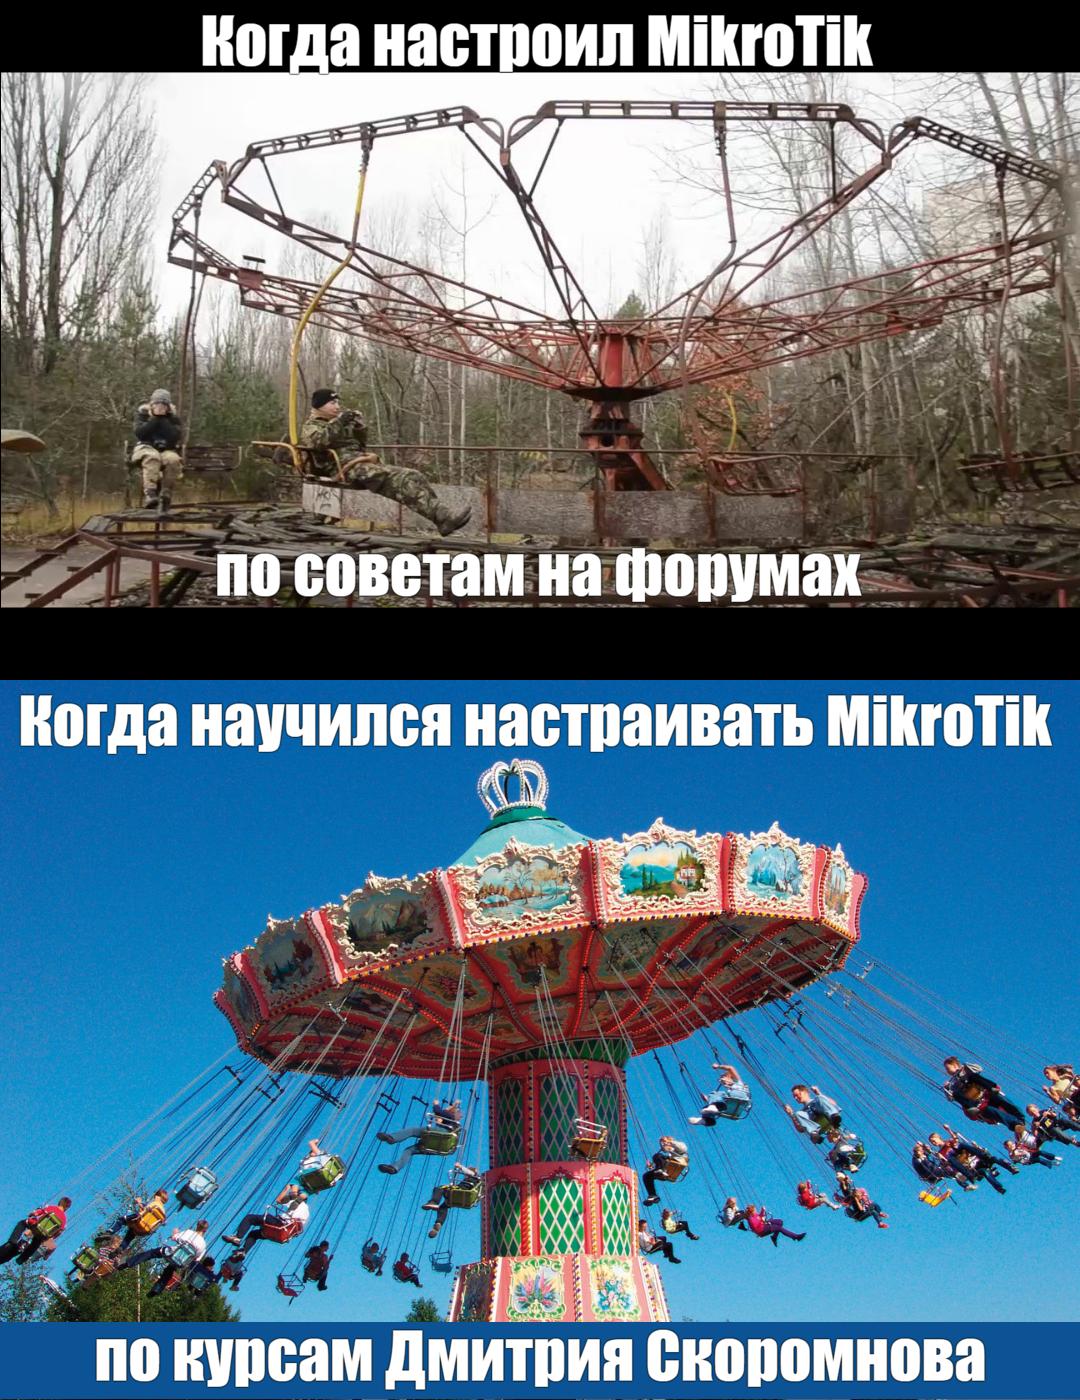 karusel_mikrotik